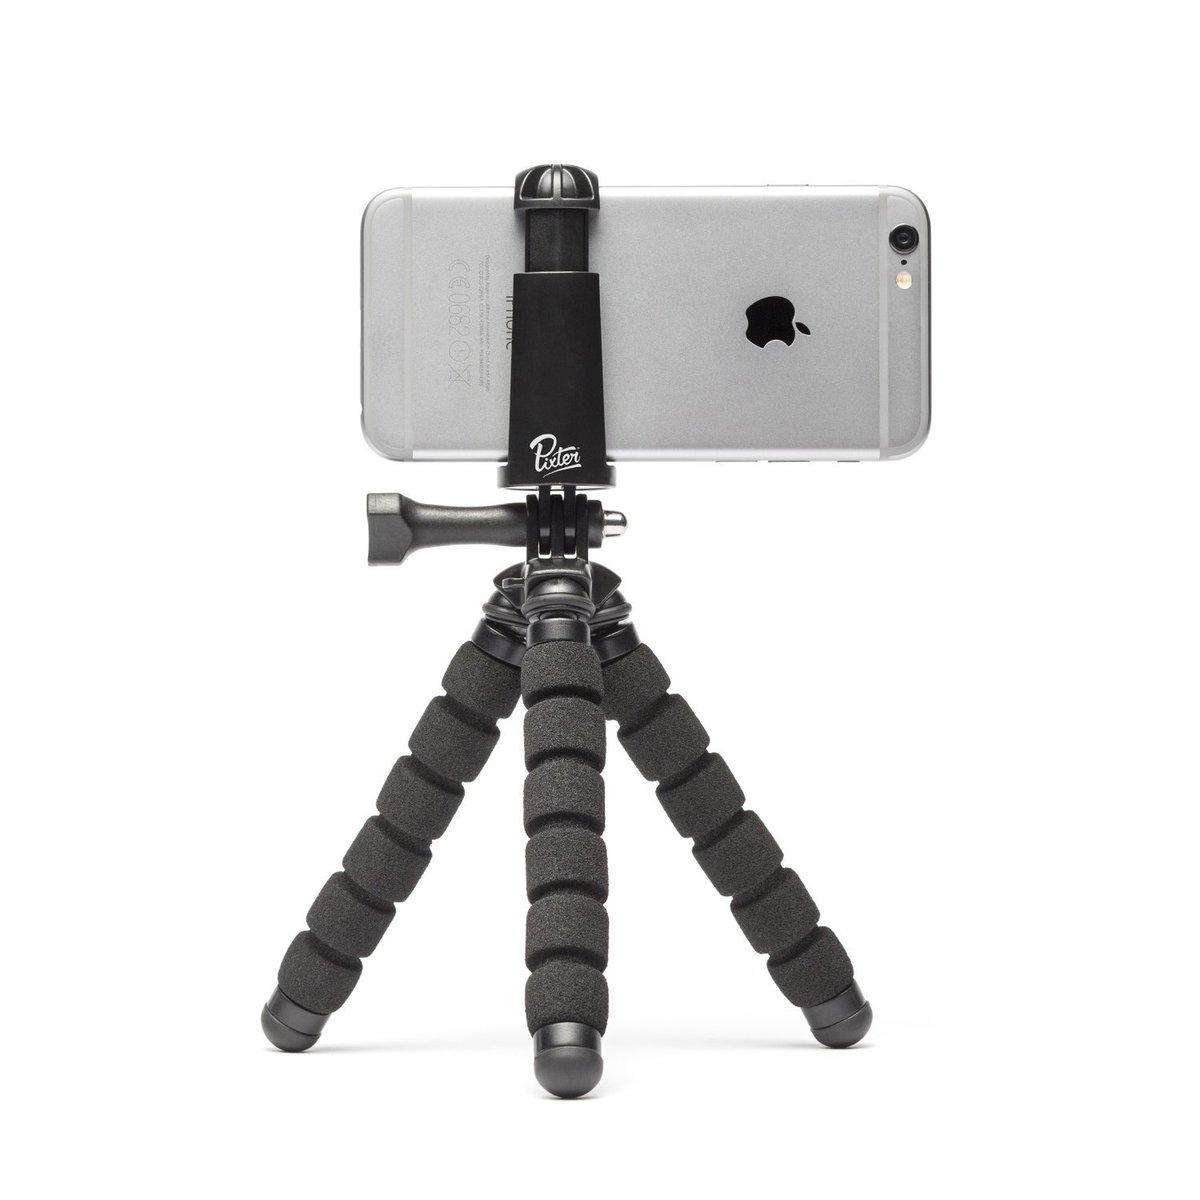 Trepied Flexible Gorilla pour Smartphone Pixter  http:// portedeals.com/bon-plan/trepi ed-flexible-gorilla-pour-smartphone-pixter_60 &nbsp; …  #BonPlan #Deals #promotion <br>http://pic.twitter.com/y1cpT0KgQN